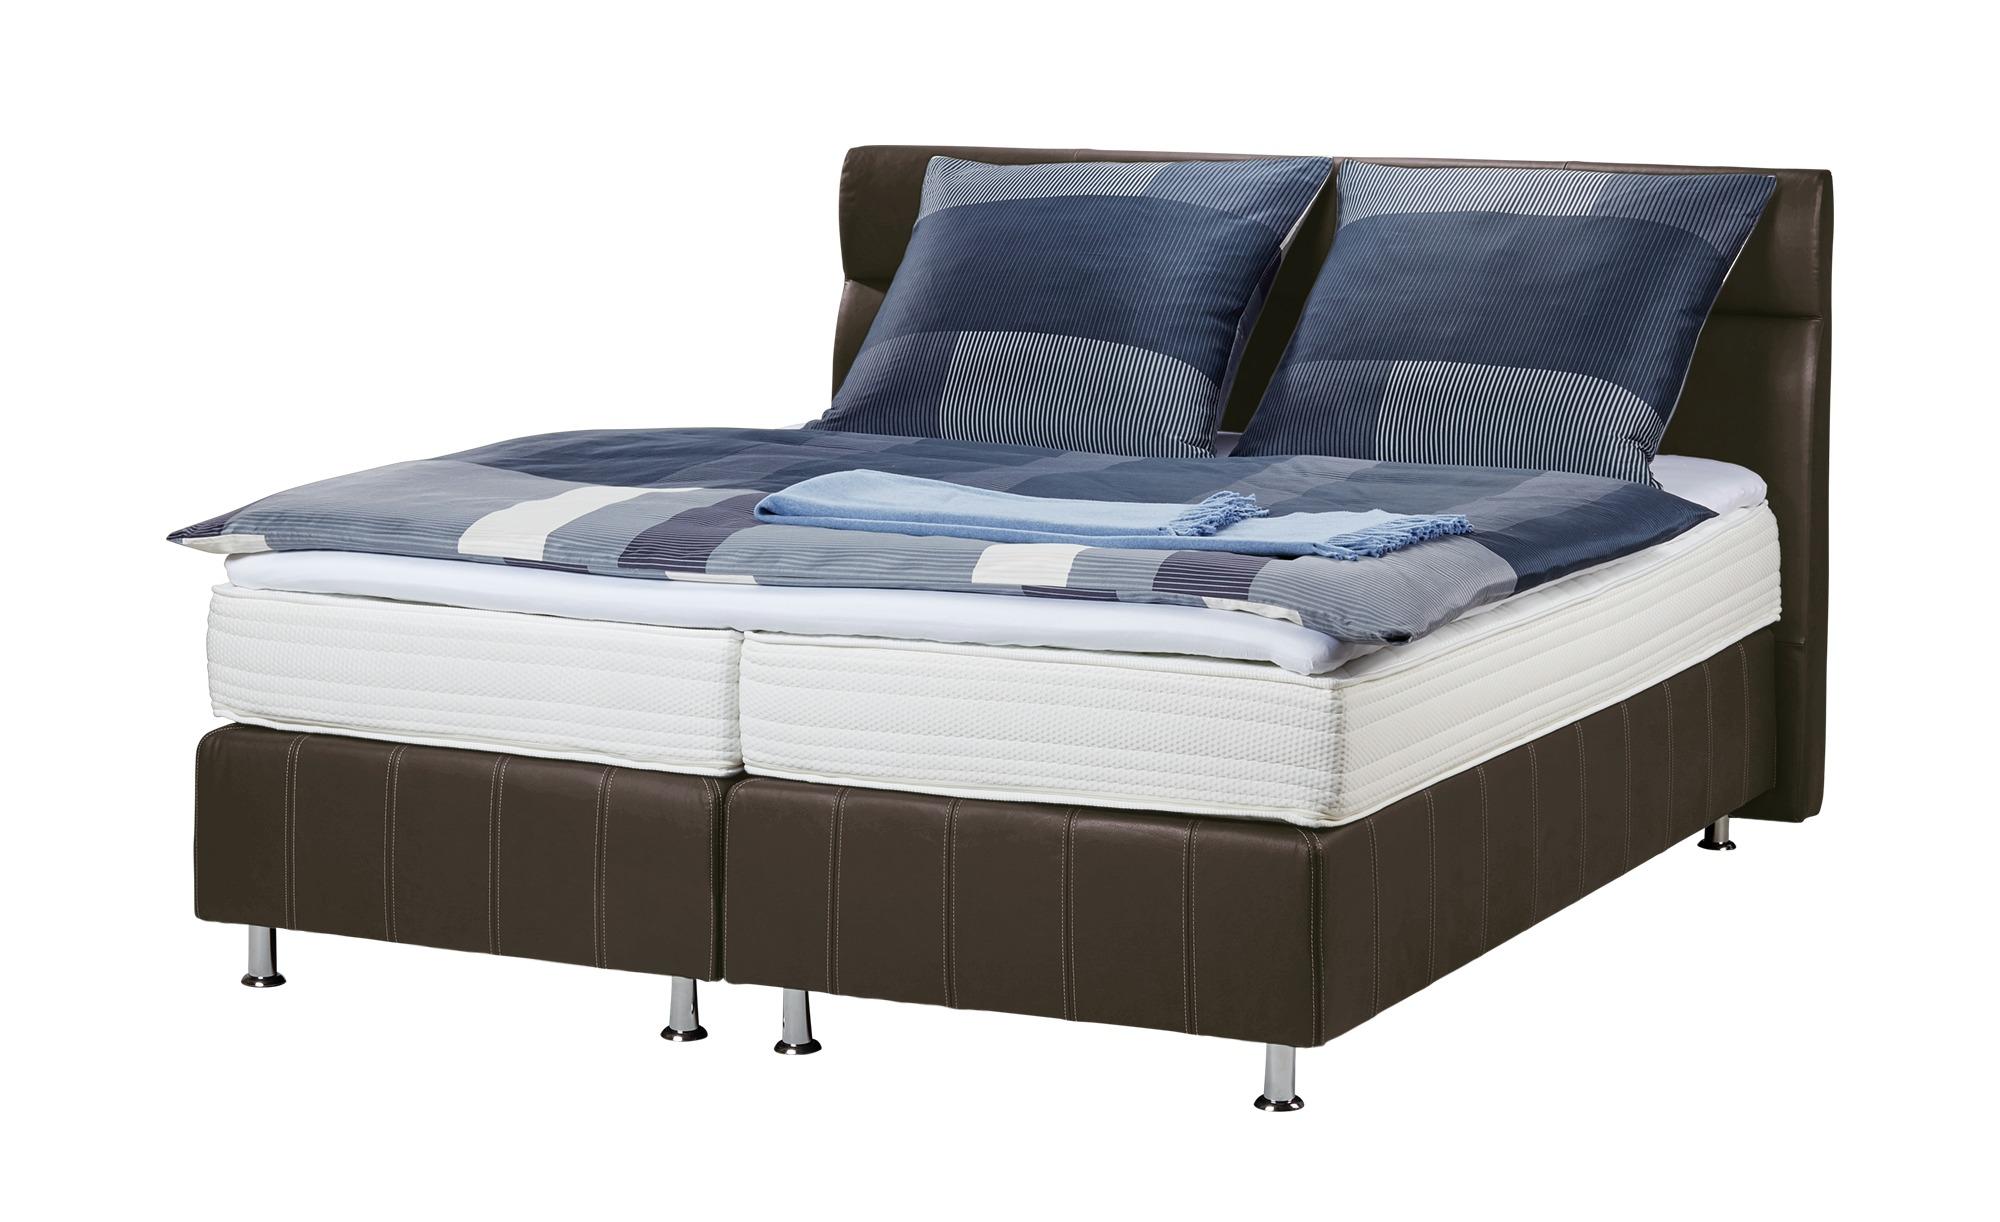 Boxspringbett - braun - 150 cm - 114 cm - Betten > Boxspringbetten - Möbel Kraft | Schlafzimmer > Betten > Boxspringbetten | Braun | Sconto